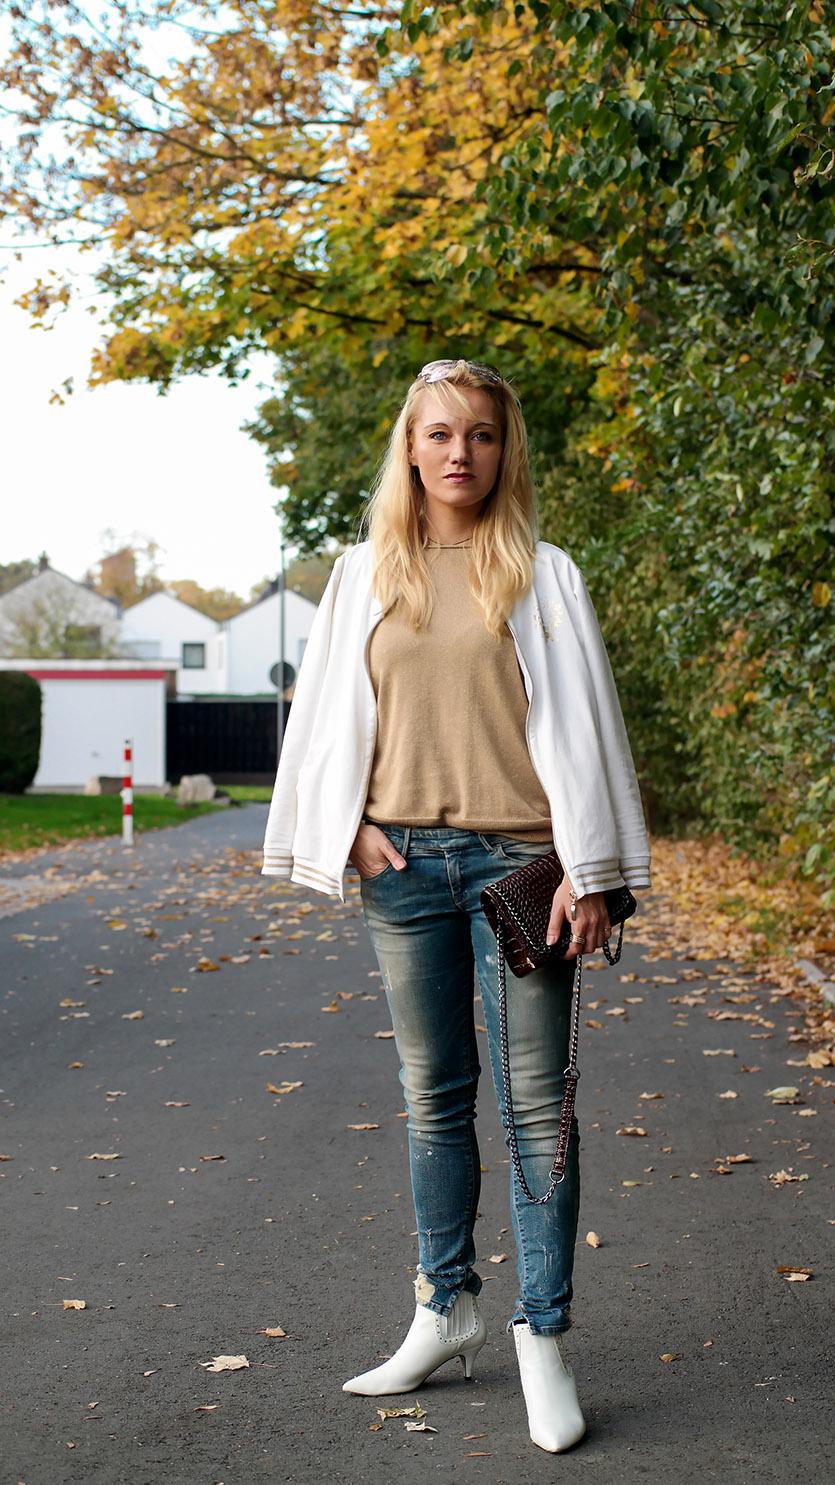 Goldene Akzente zur goldenen Herbst Saison! Mit Bomberjacke & Kitten Heel Boots gewappnet lassen wir nicht nur das Laub am Boden erstrahlen | hot-port.de | 30+ Life & Style Blog